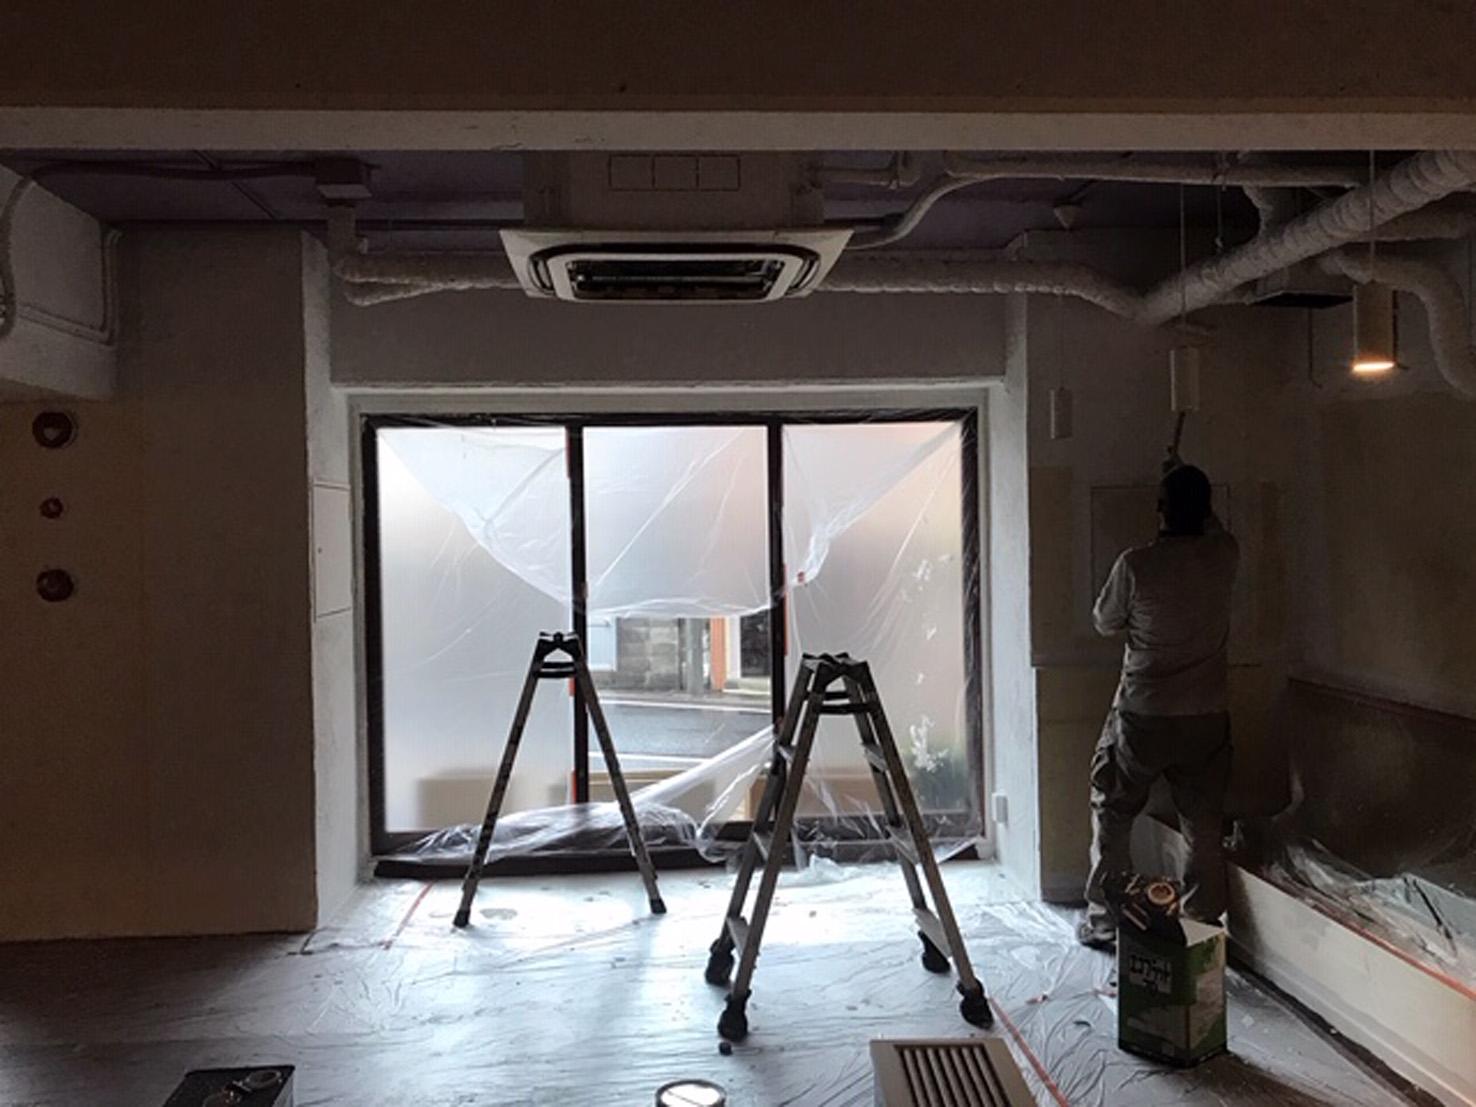 店舗デザイン インテリアデザイン shopdesign interiordesign 東京 名古屋 作家story